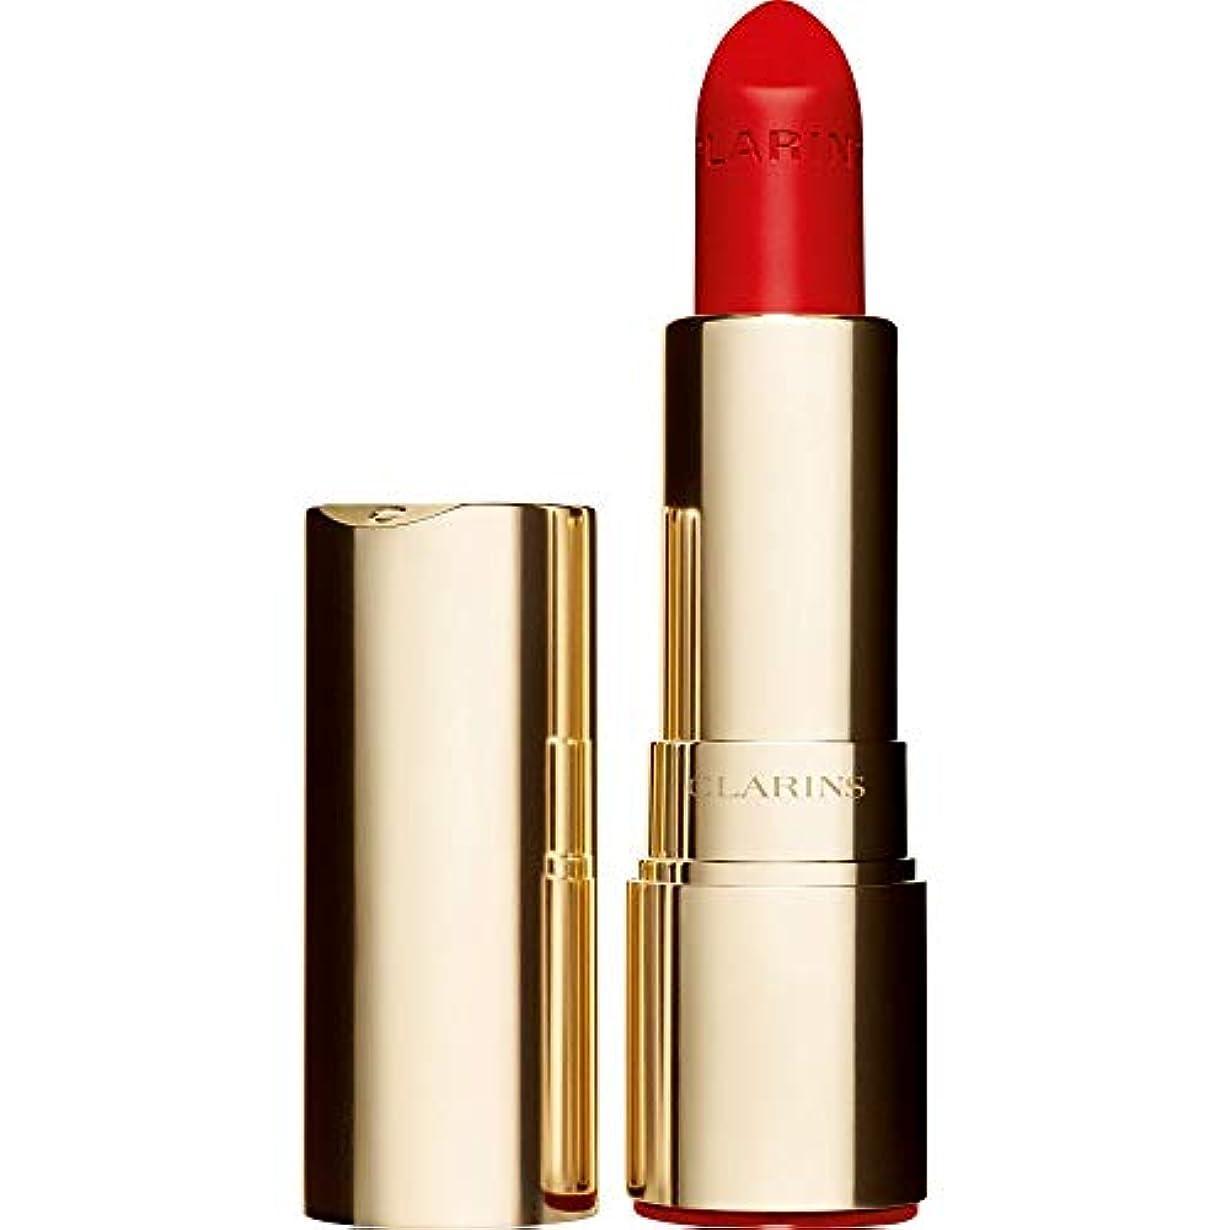 因子回復する怠[Clarins ] クラランスジョリルージュのベルベットの口紅3.5グラムの741V - 赤、オレンジ - Clarins Joli Rouge Velvet Lipstick 3.5g 741V - Red Orange...